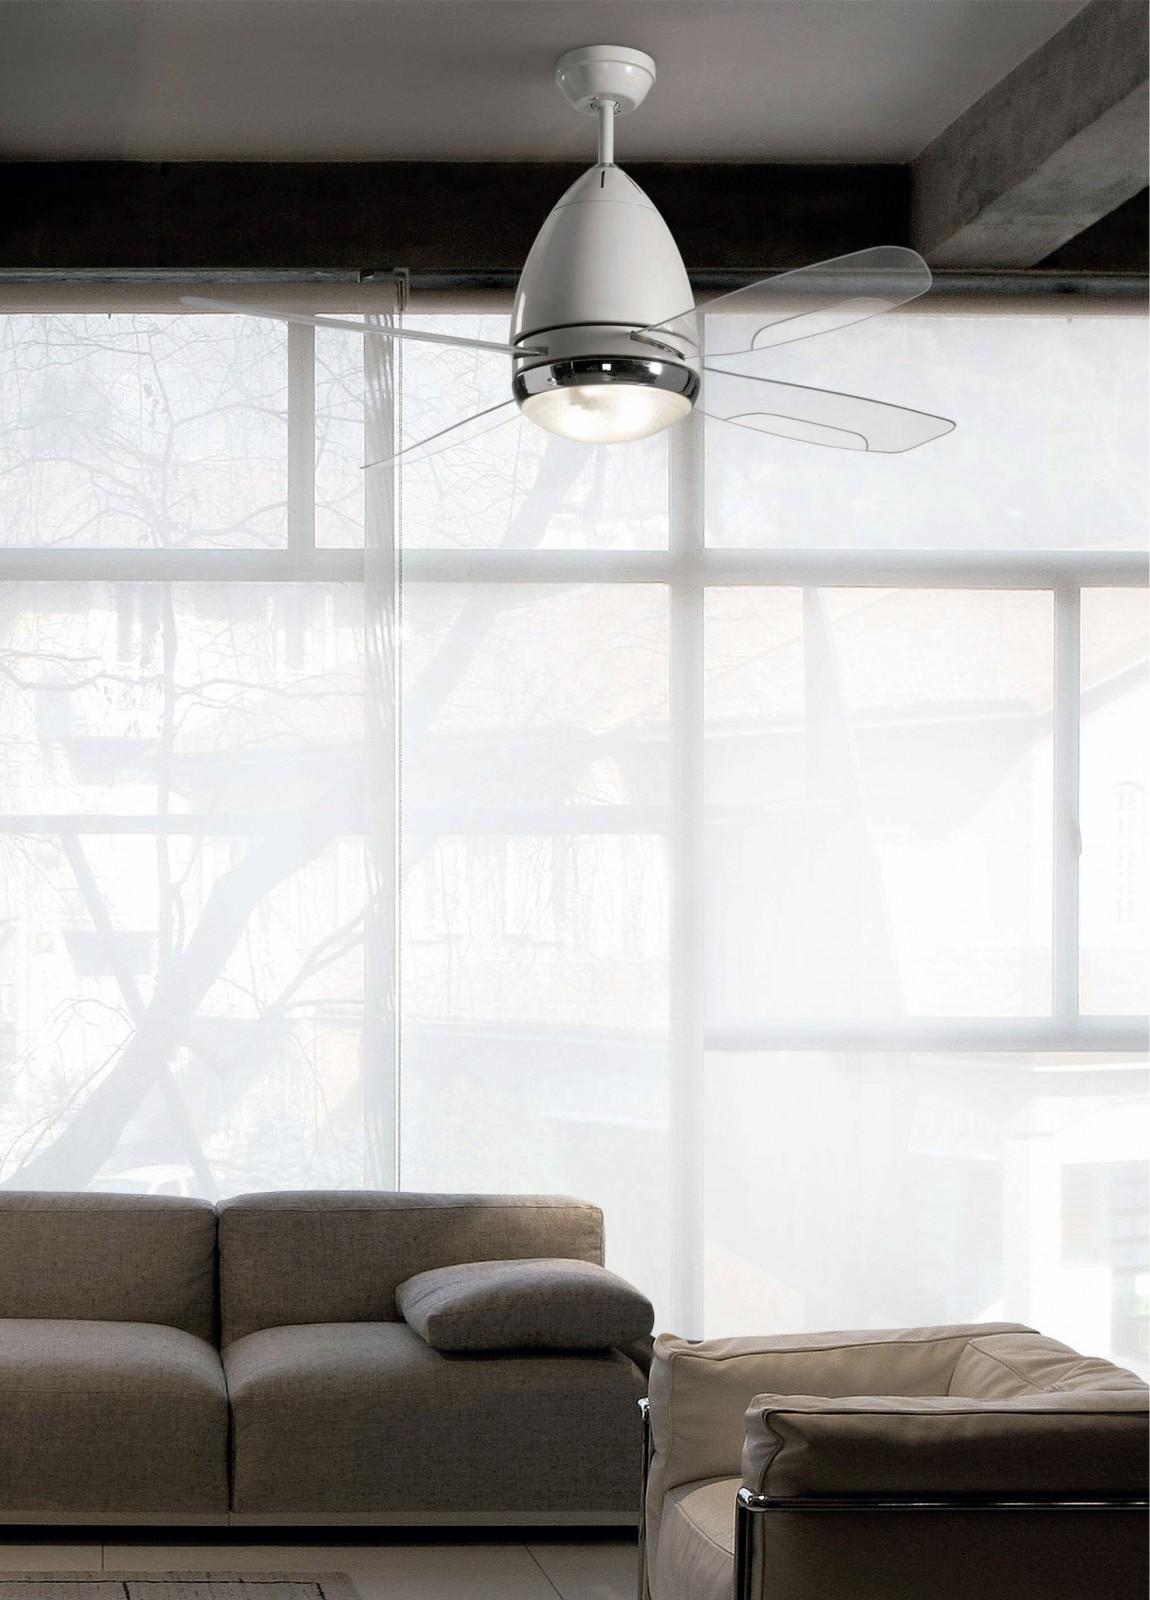 deckenventilator faretto mit licht und fernbedienung. Black Bedroom Furniture Sets. Home Design Ideas